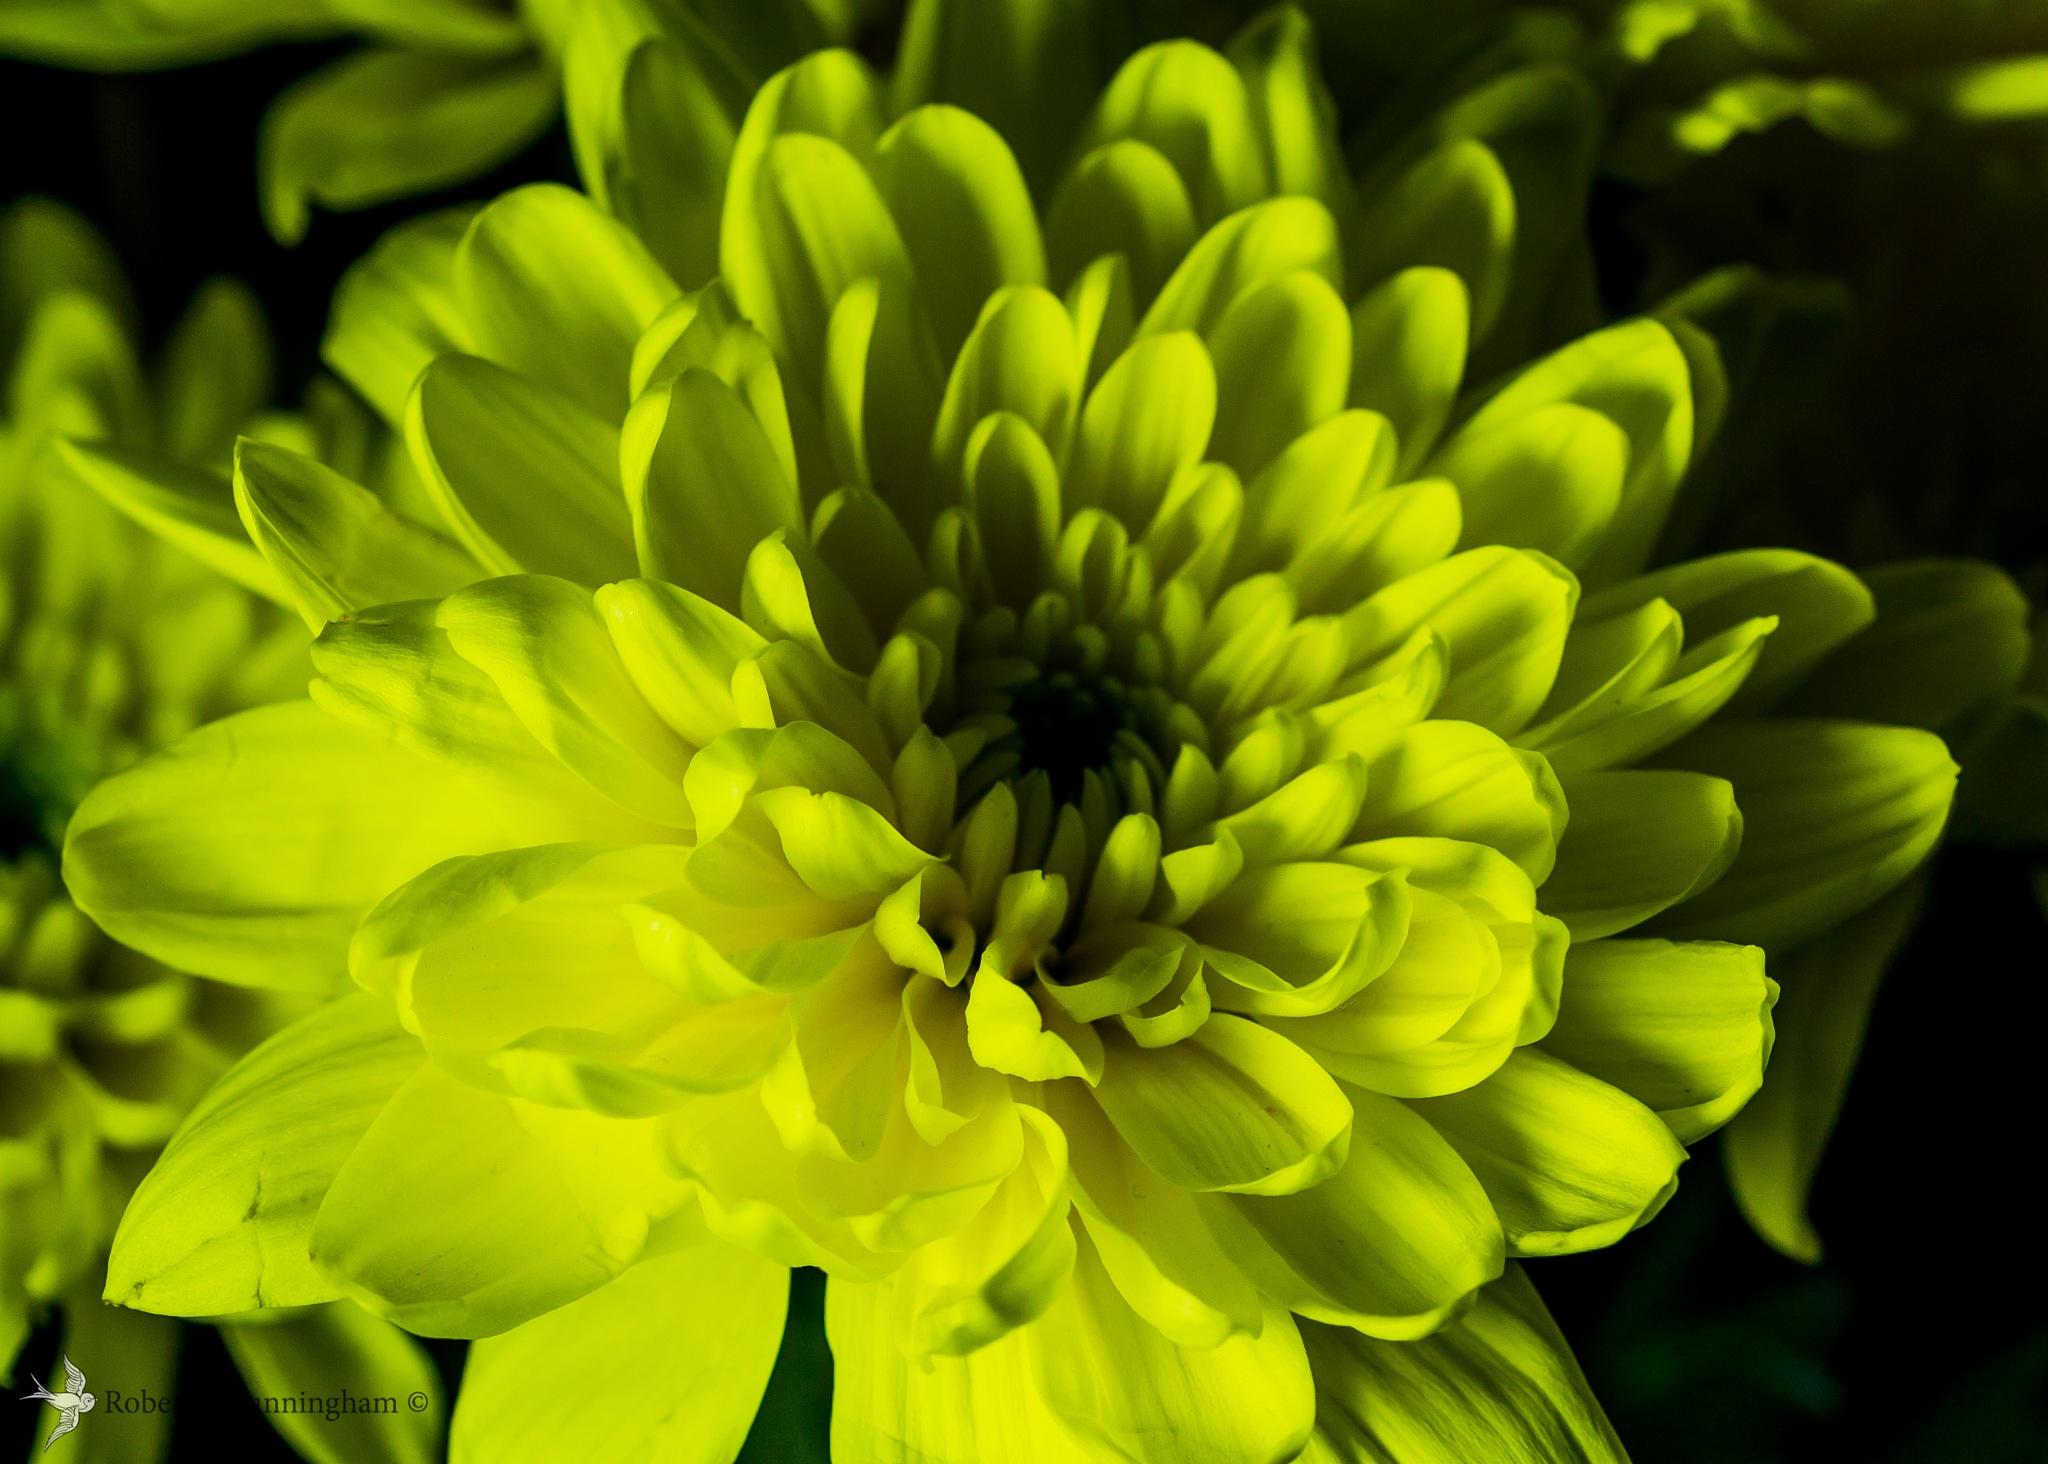 Chrysanthemum by bob.cunningham.56884